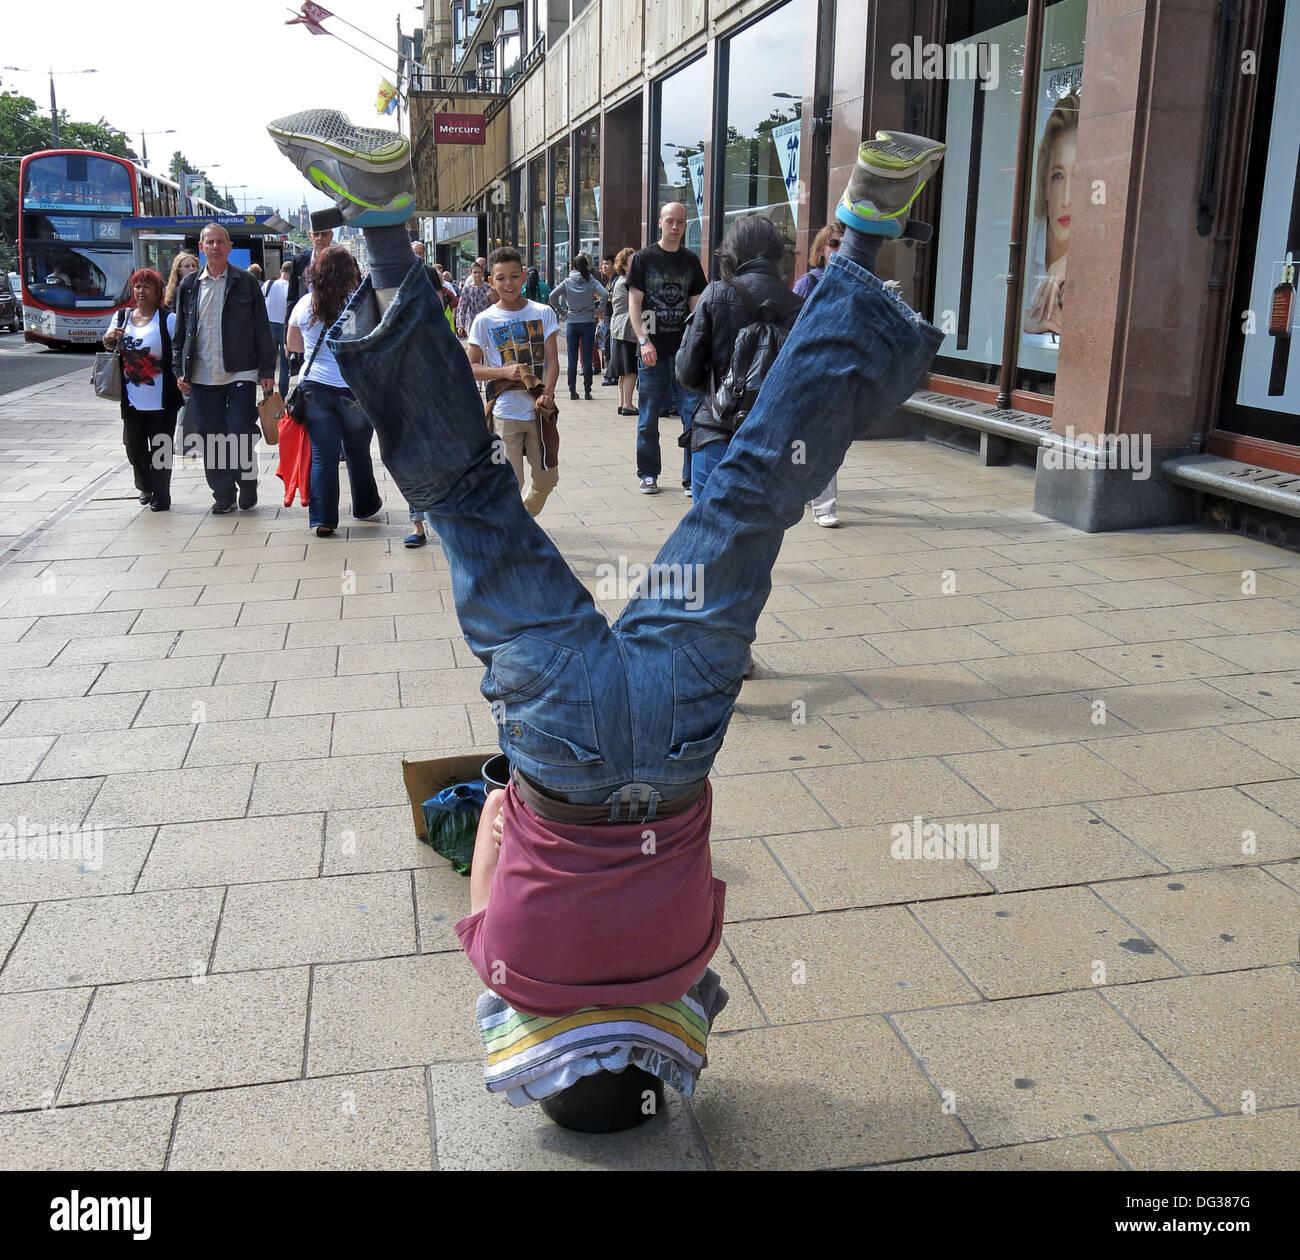 Laden Sie dieses Alamy Stockfoto Straßenmusikant in Princes Street, Edinburgh kopfüber in einen Eimer Scotland UK - DG387G